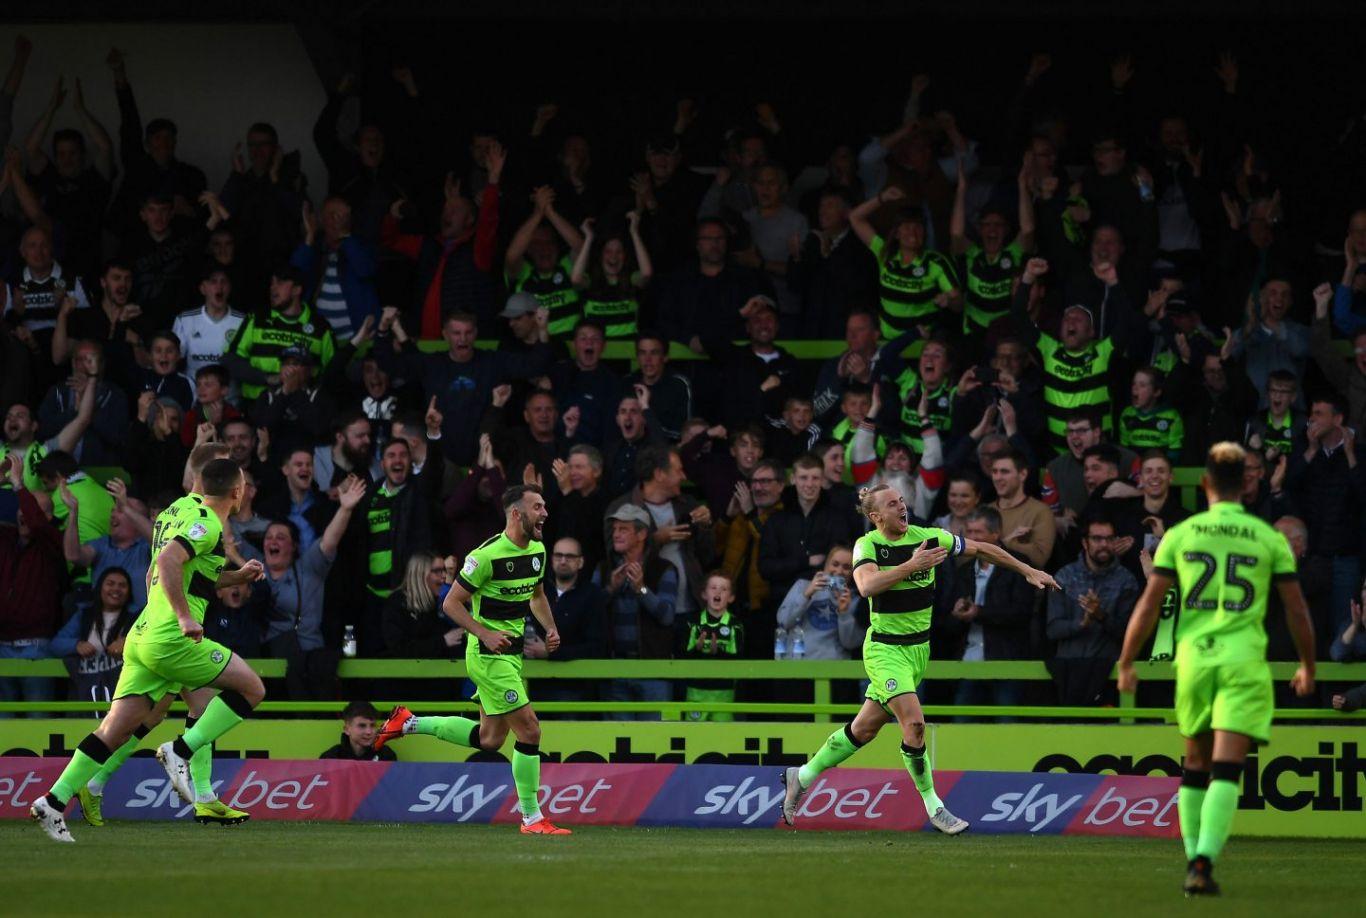 Forest Green Rovers, o clube de futebol mais ecológico do mundo